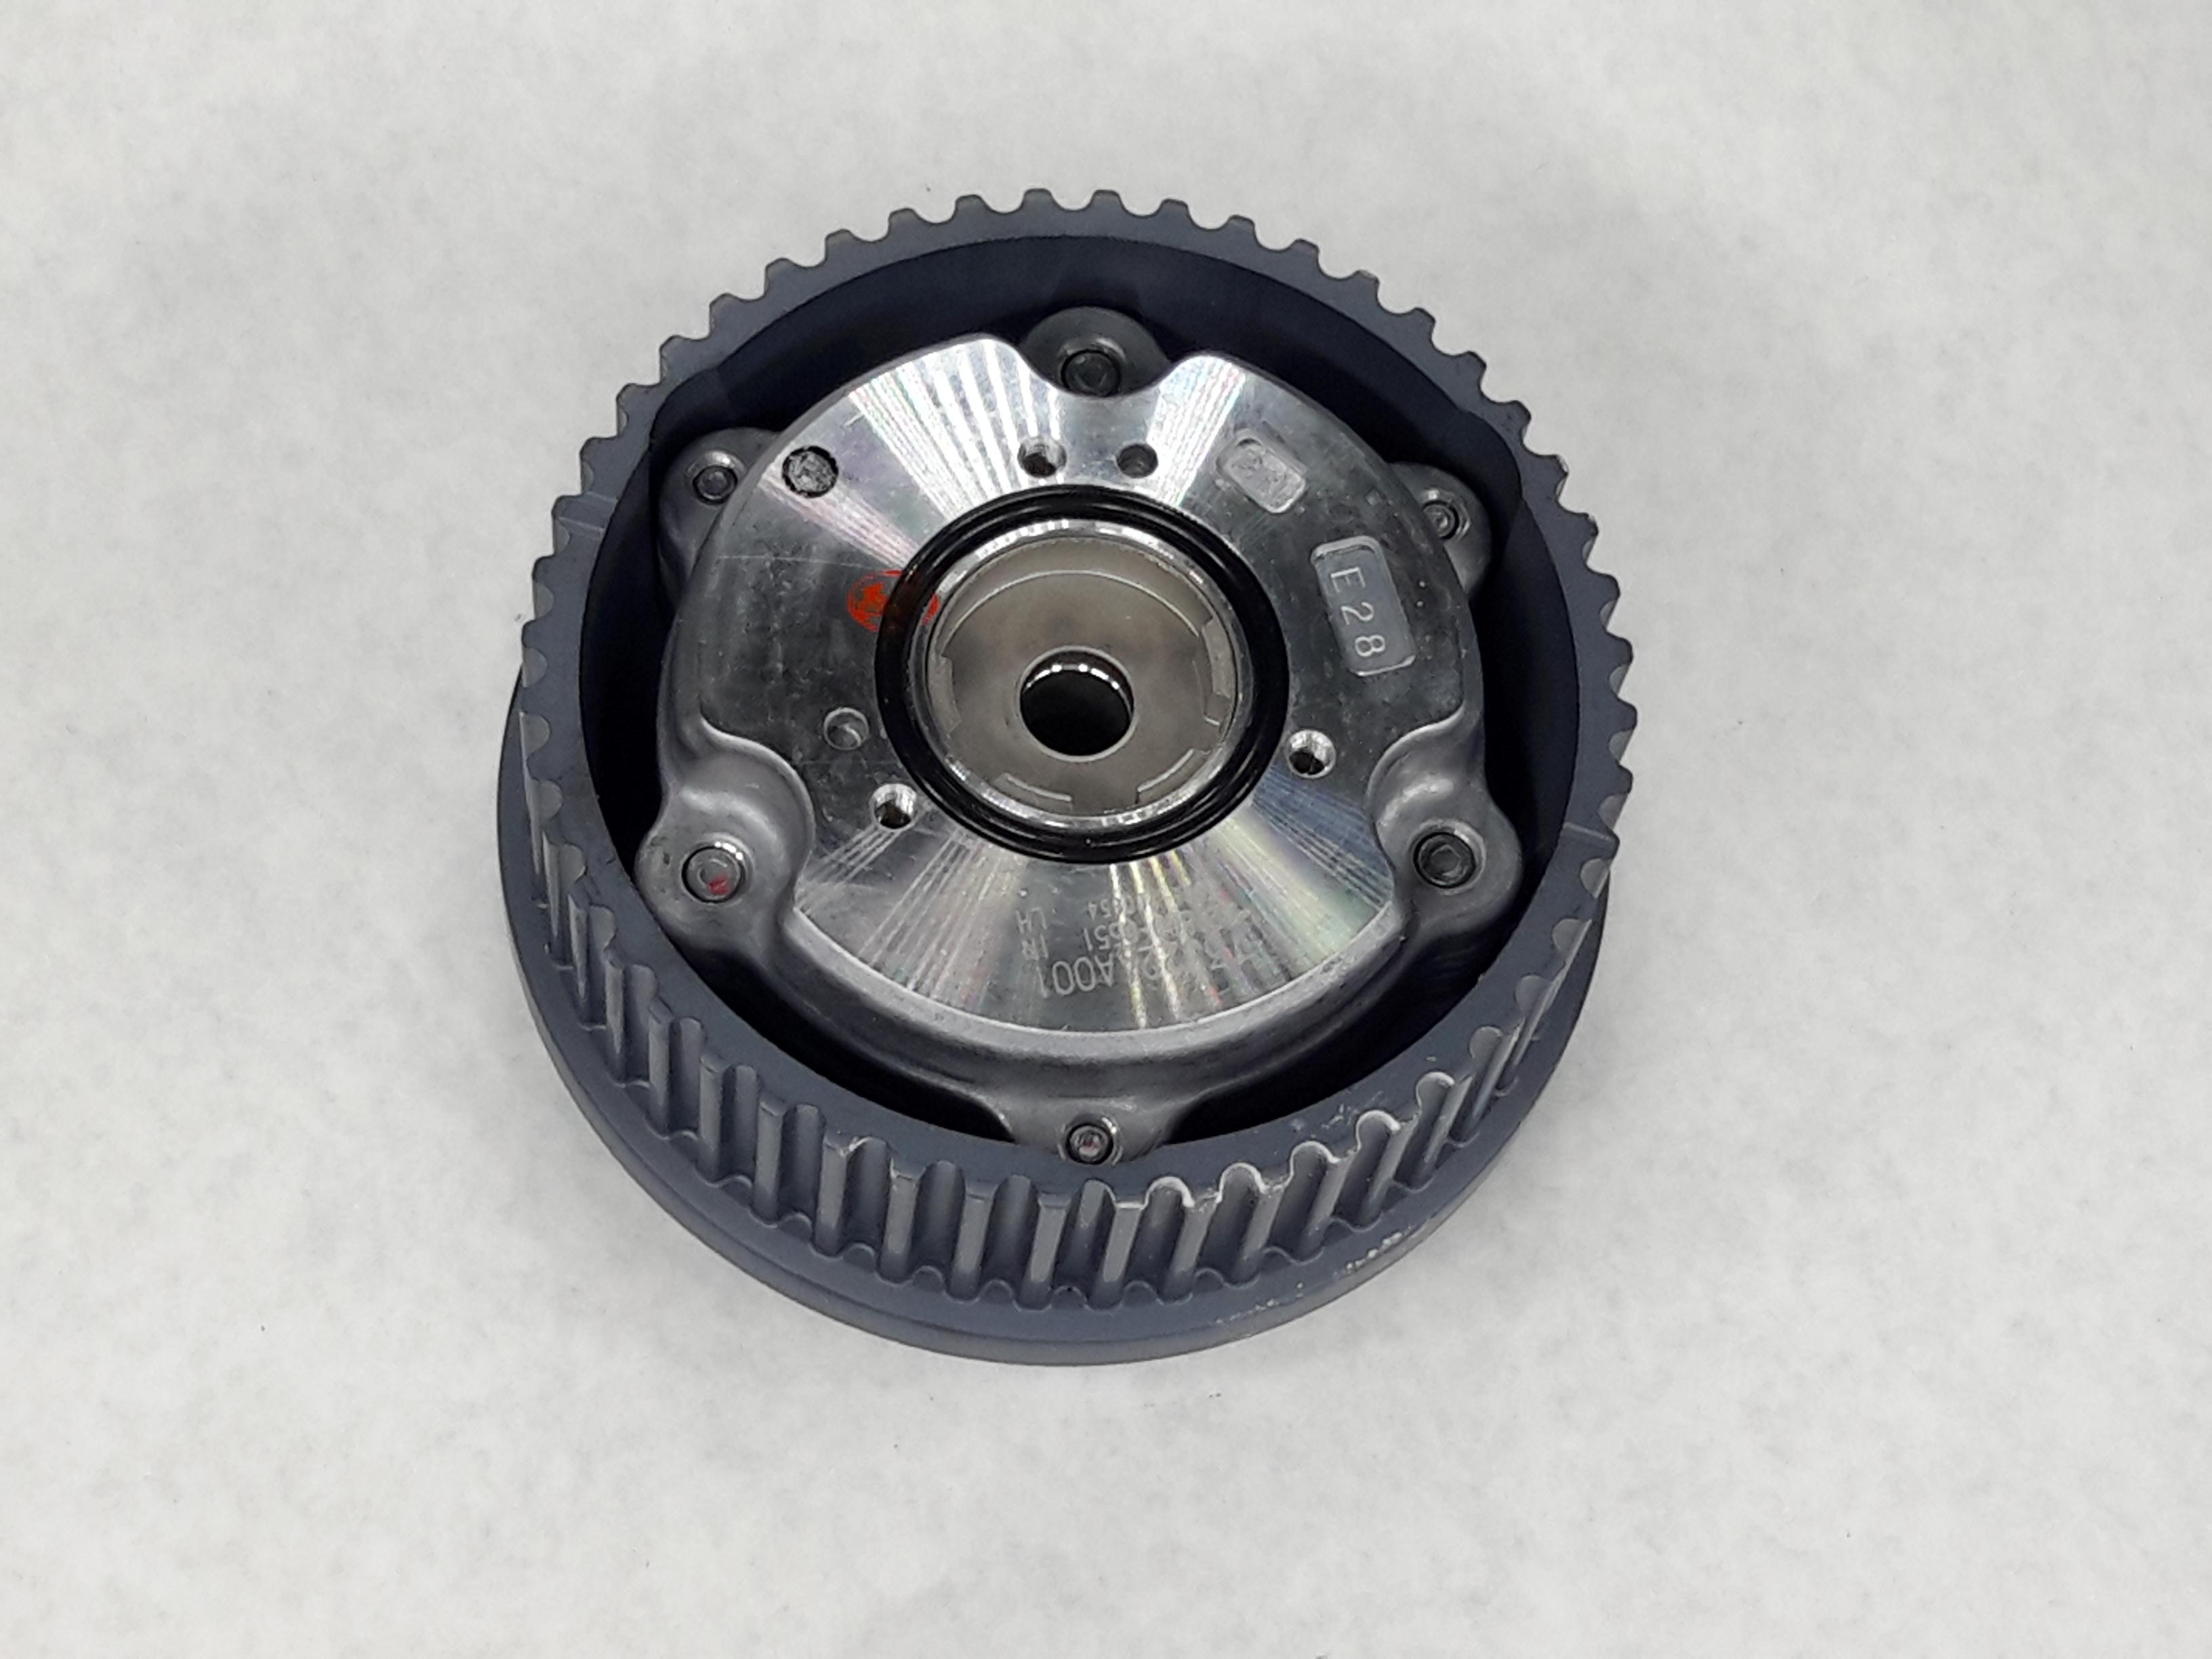 Honda Accord Engine Diagram Moreover 90 Accord Timing Belt Diagram